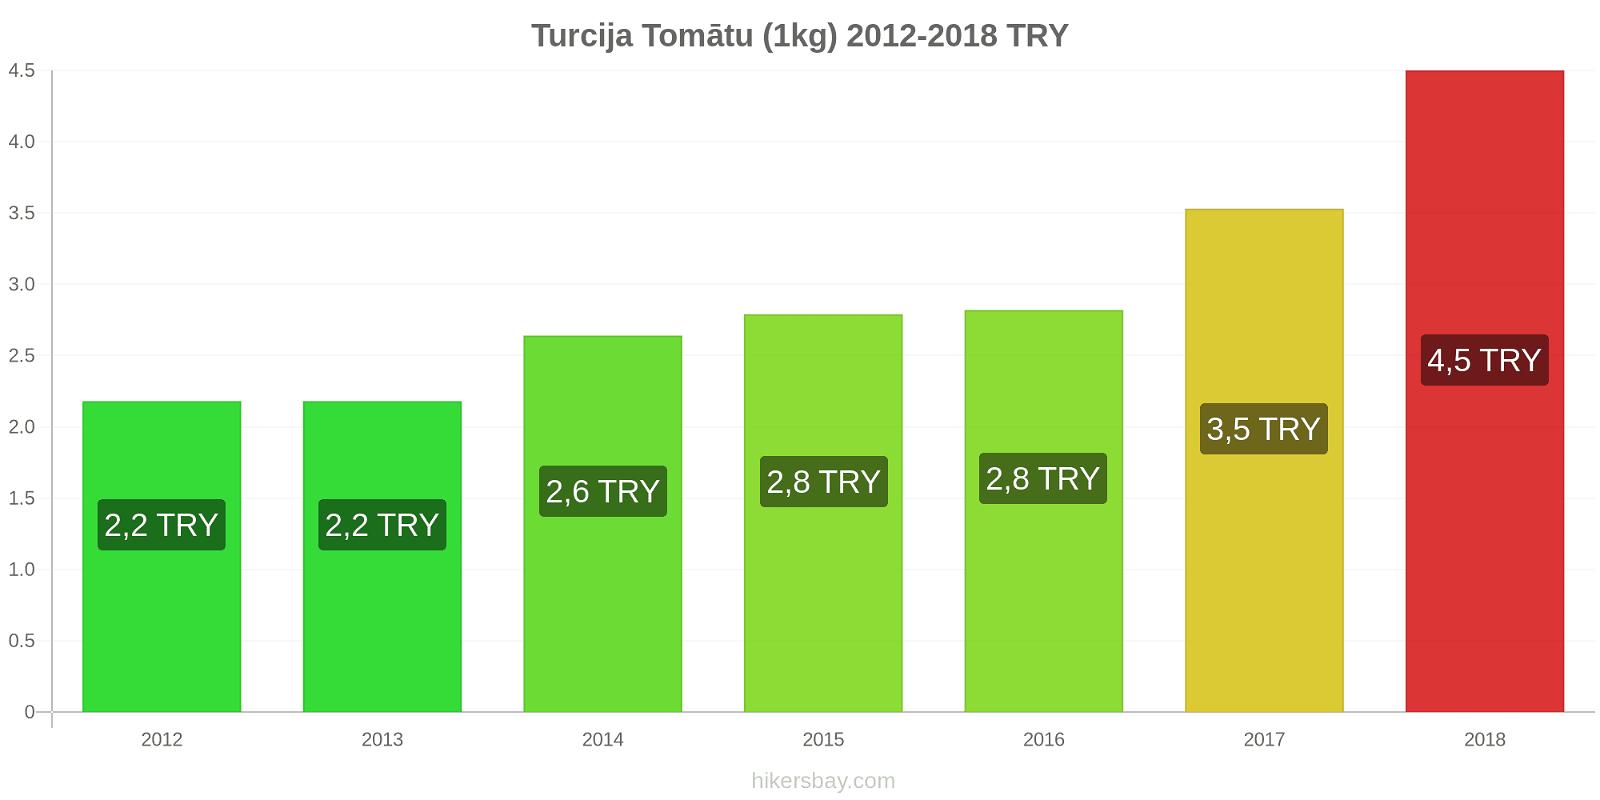 Turcija cenu izmaiņas Tomātu (1kg) hikersbay.com